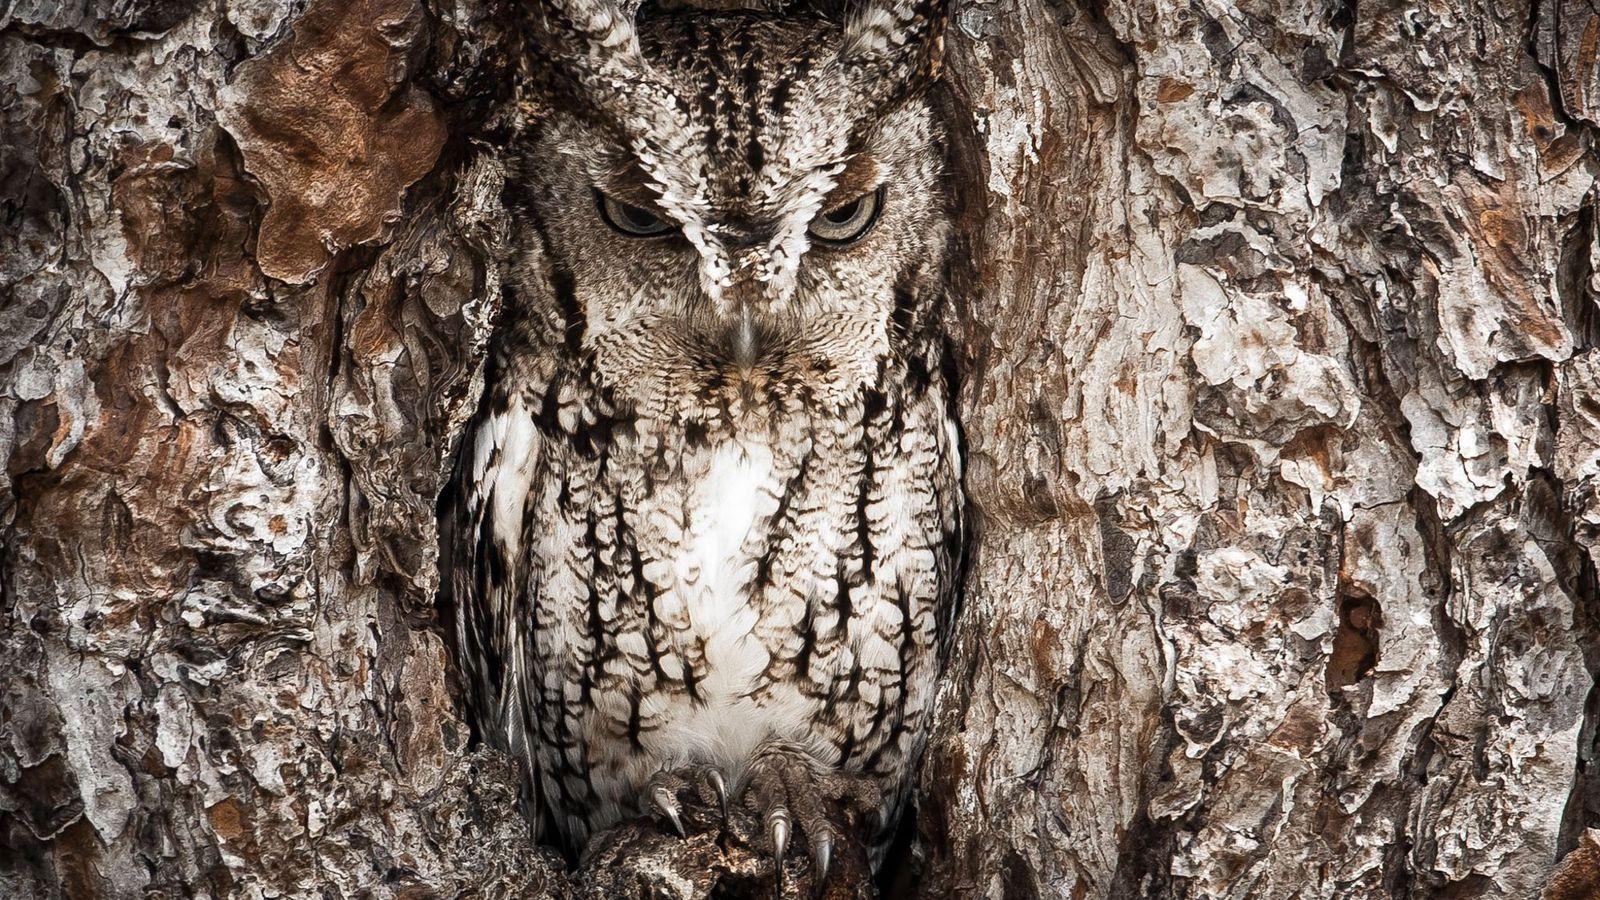 ¿Qué animales se esconden en estas fotos?